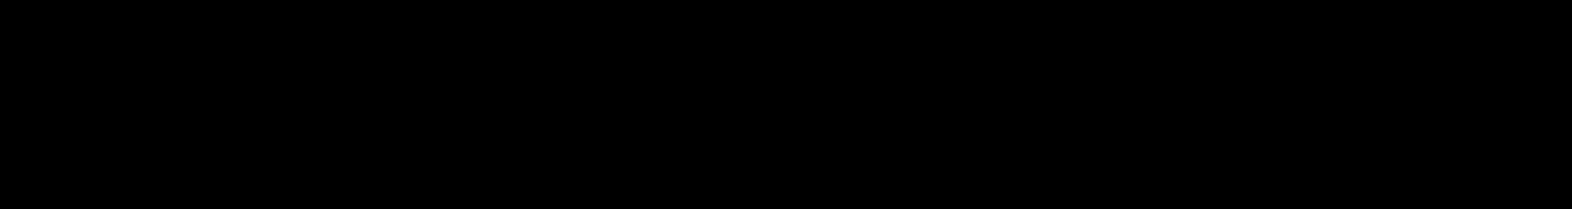 PW-logo-black